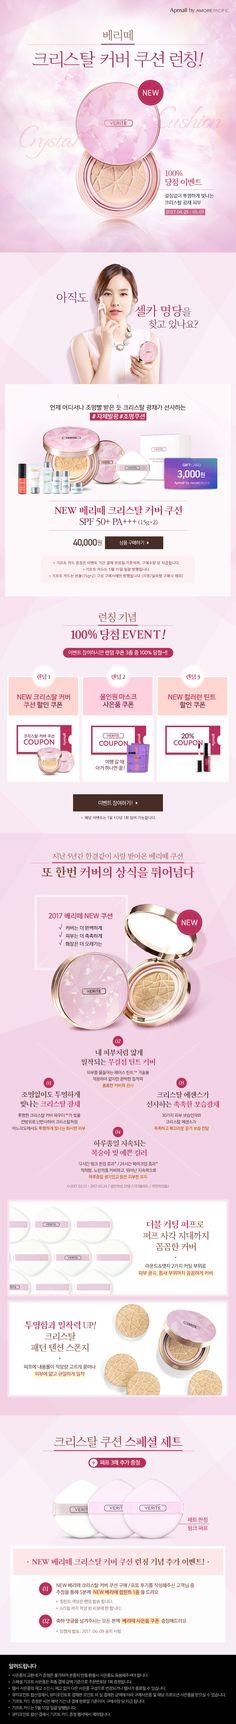 베리떼 크리스탈 쿠션 선런칭 이벤트 – 아모레퍼시픽 쇼핑몰 Web Design, Email Design, Page Design, Layout Design, Graphic Design, Korea Design, Beauty Ad, Promotional Design, Brand Promotion